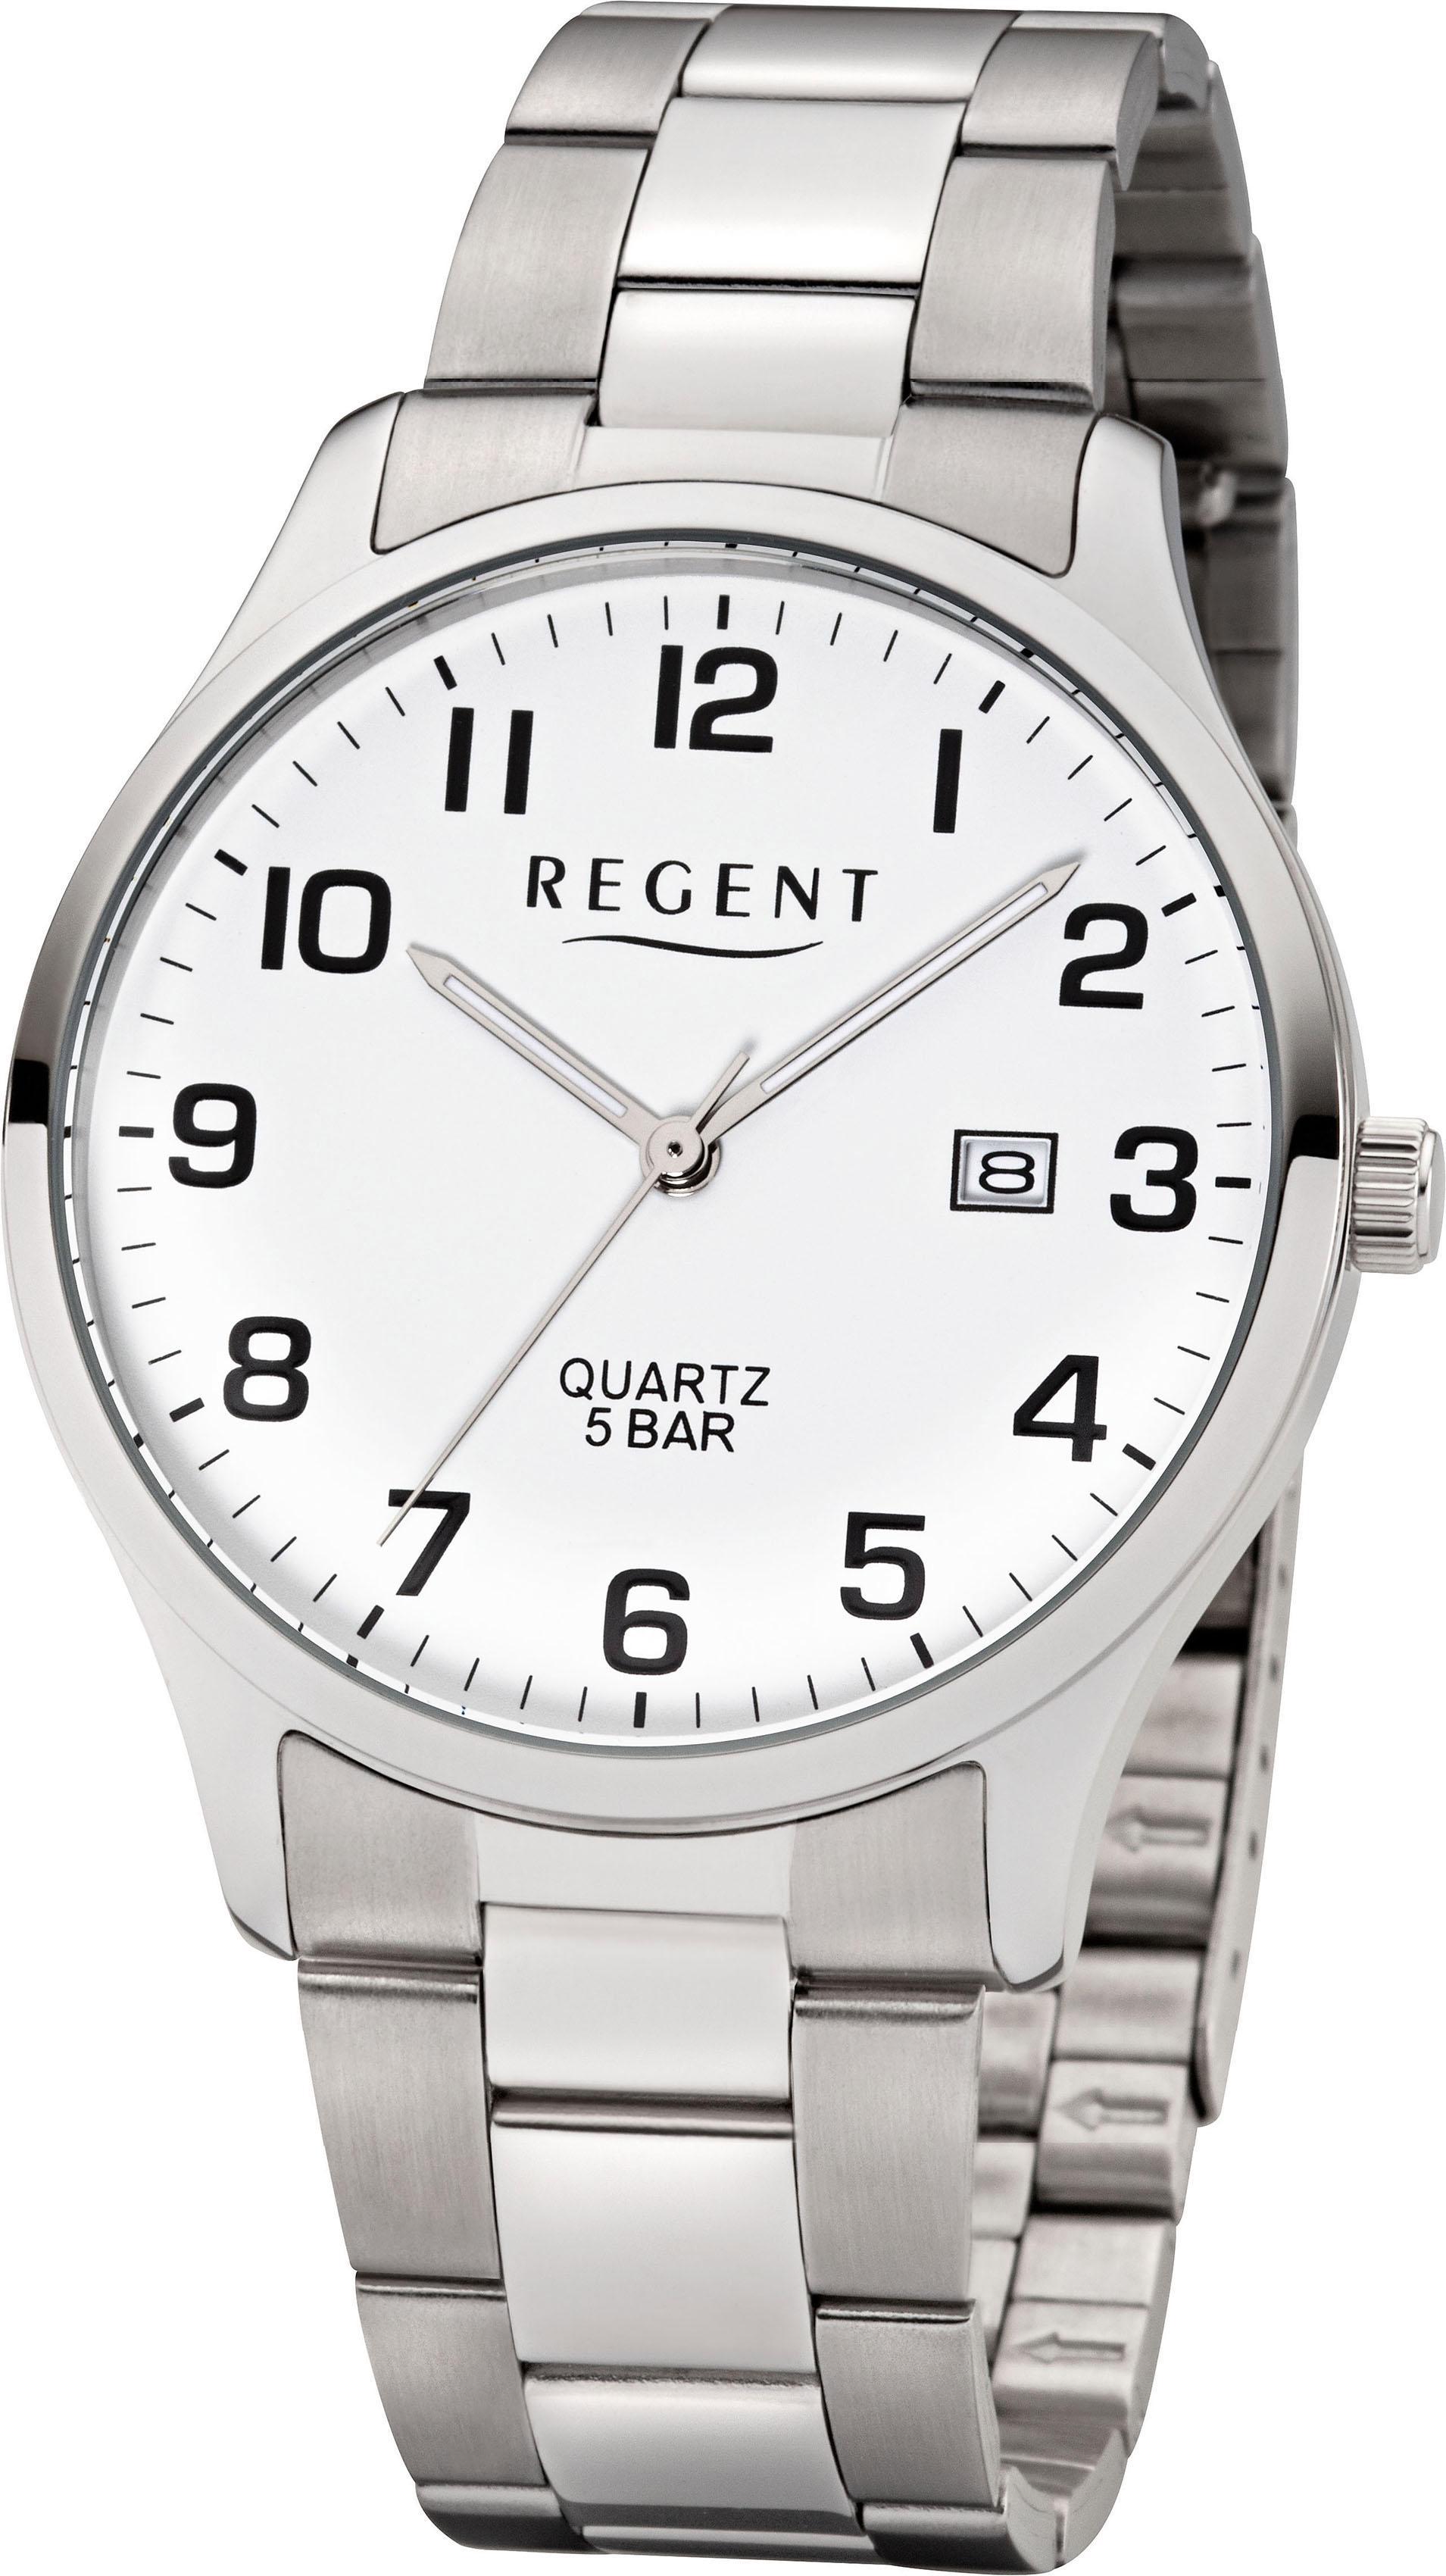 Regent Quarzuhr 18554499 F1178   Uhren   Regent